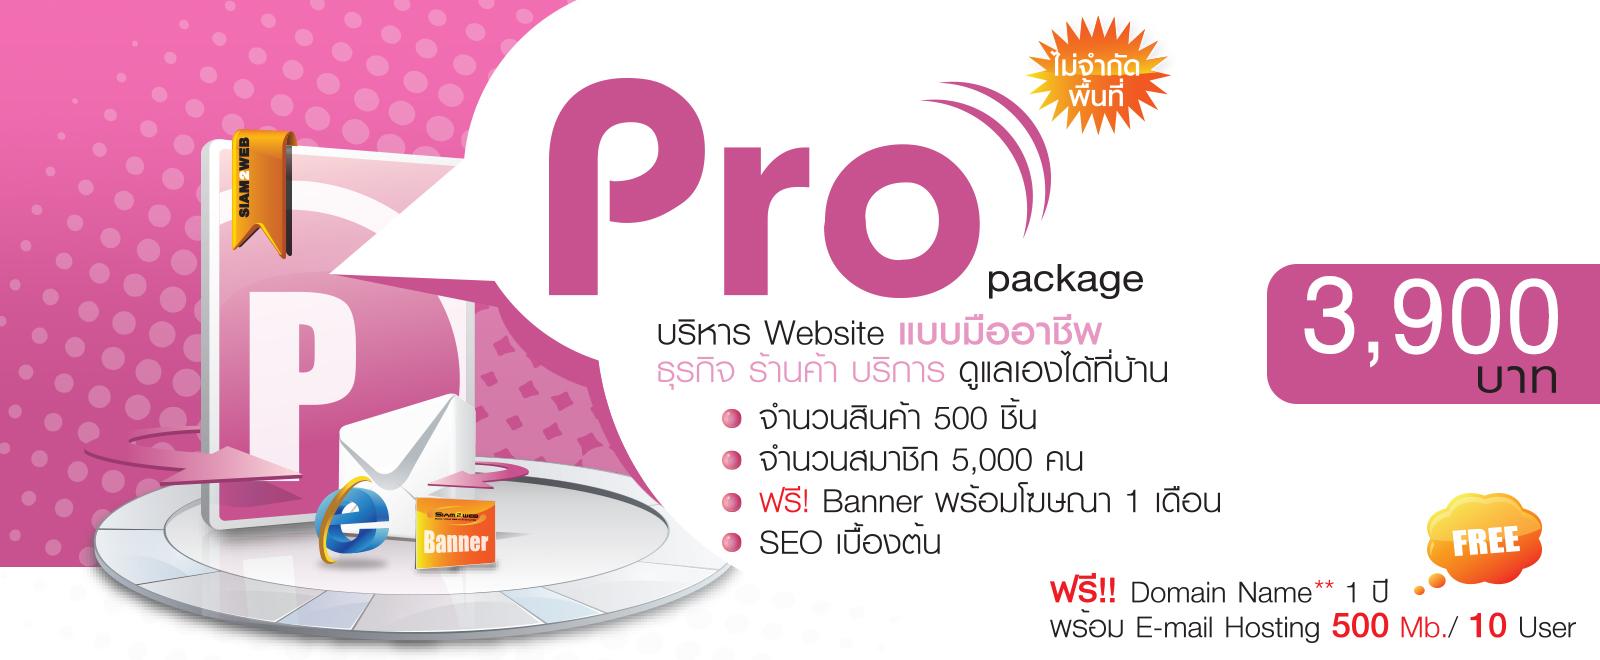 เว็บไซต์สำเร็จรูป Pro Package